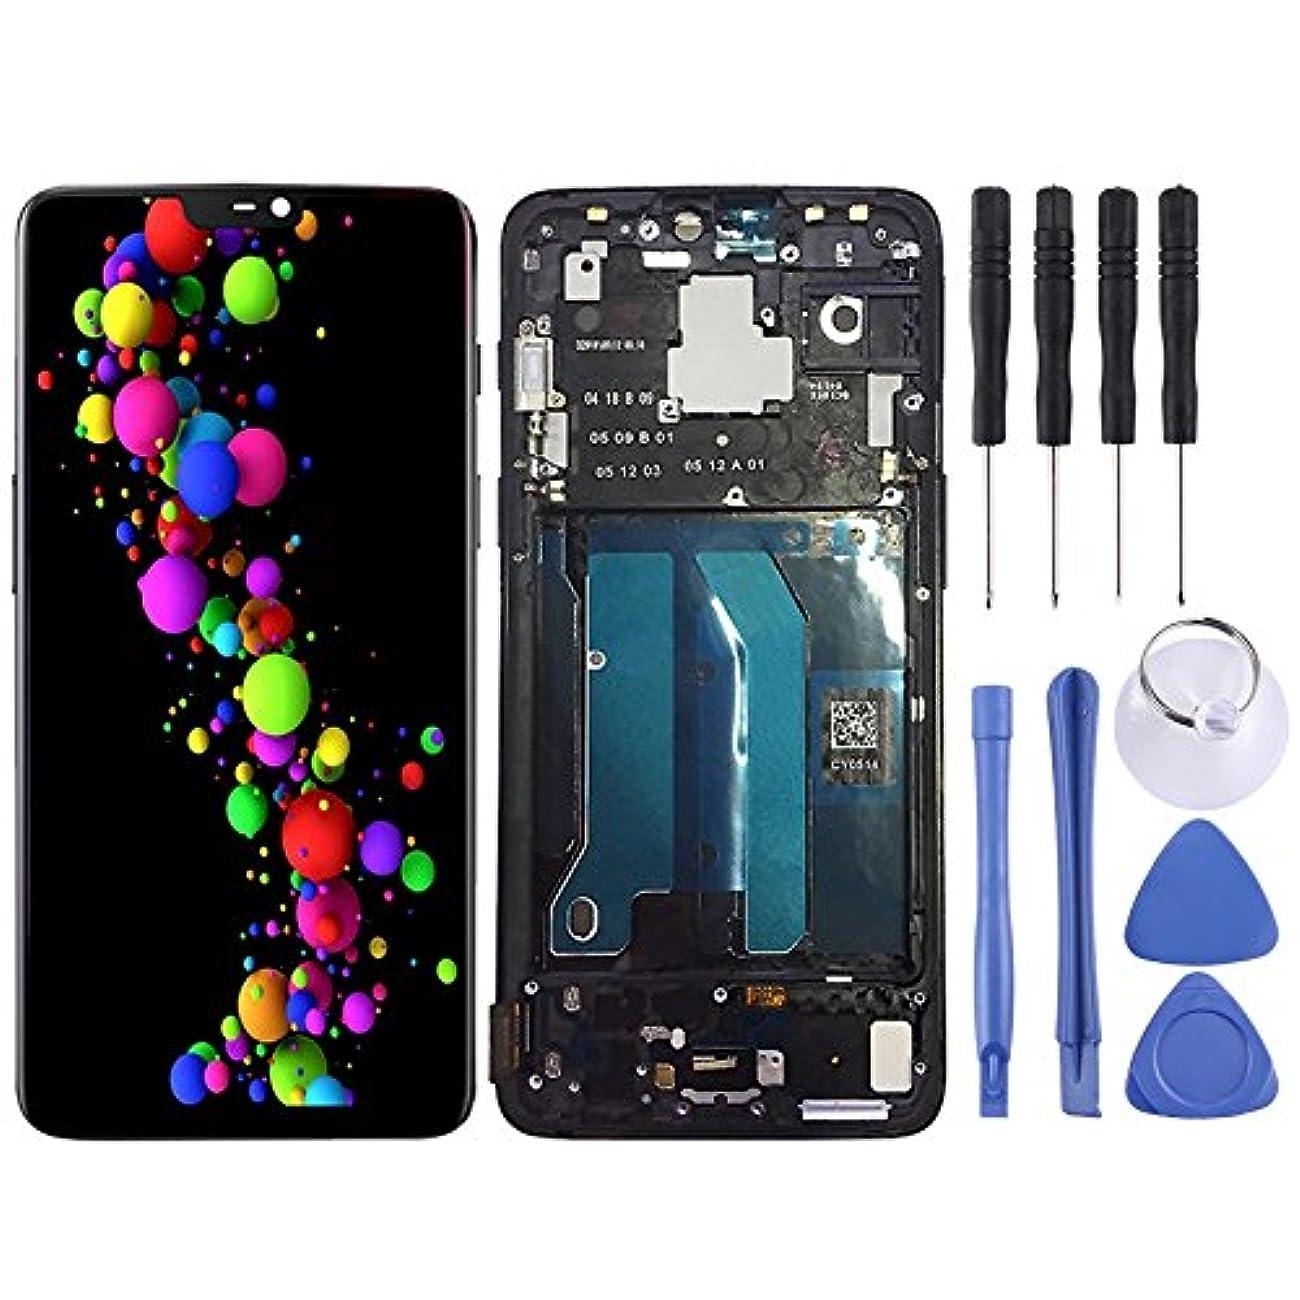 驚くばかりライセンスベルスクリーン組立 OnePlus 6のフレームと電話交換部品液晶画面とデジタイザフル?アセンブリ(ブラック) Bei (色 : Black)